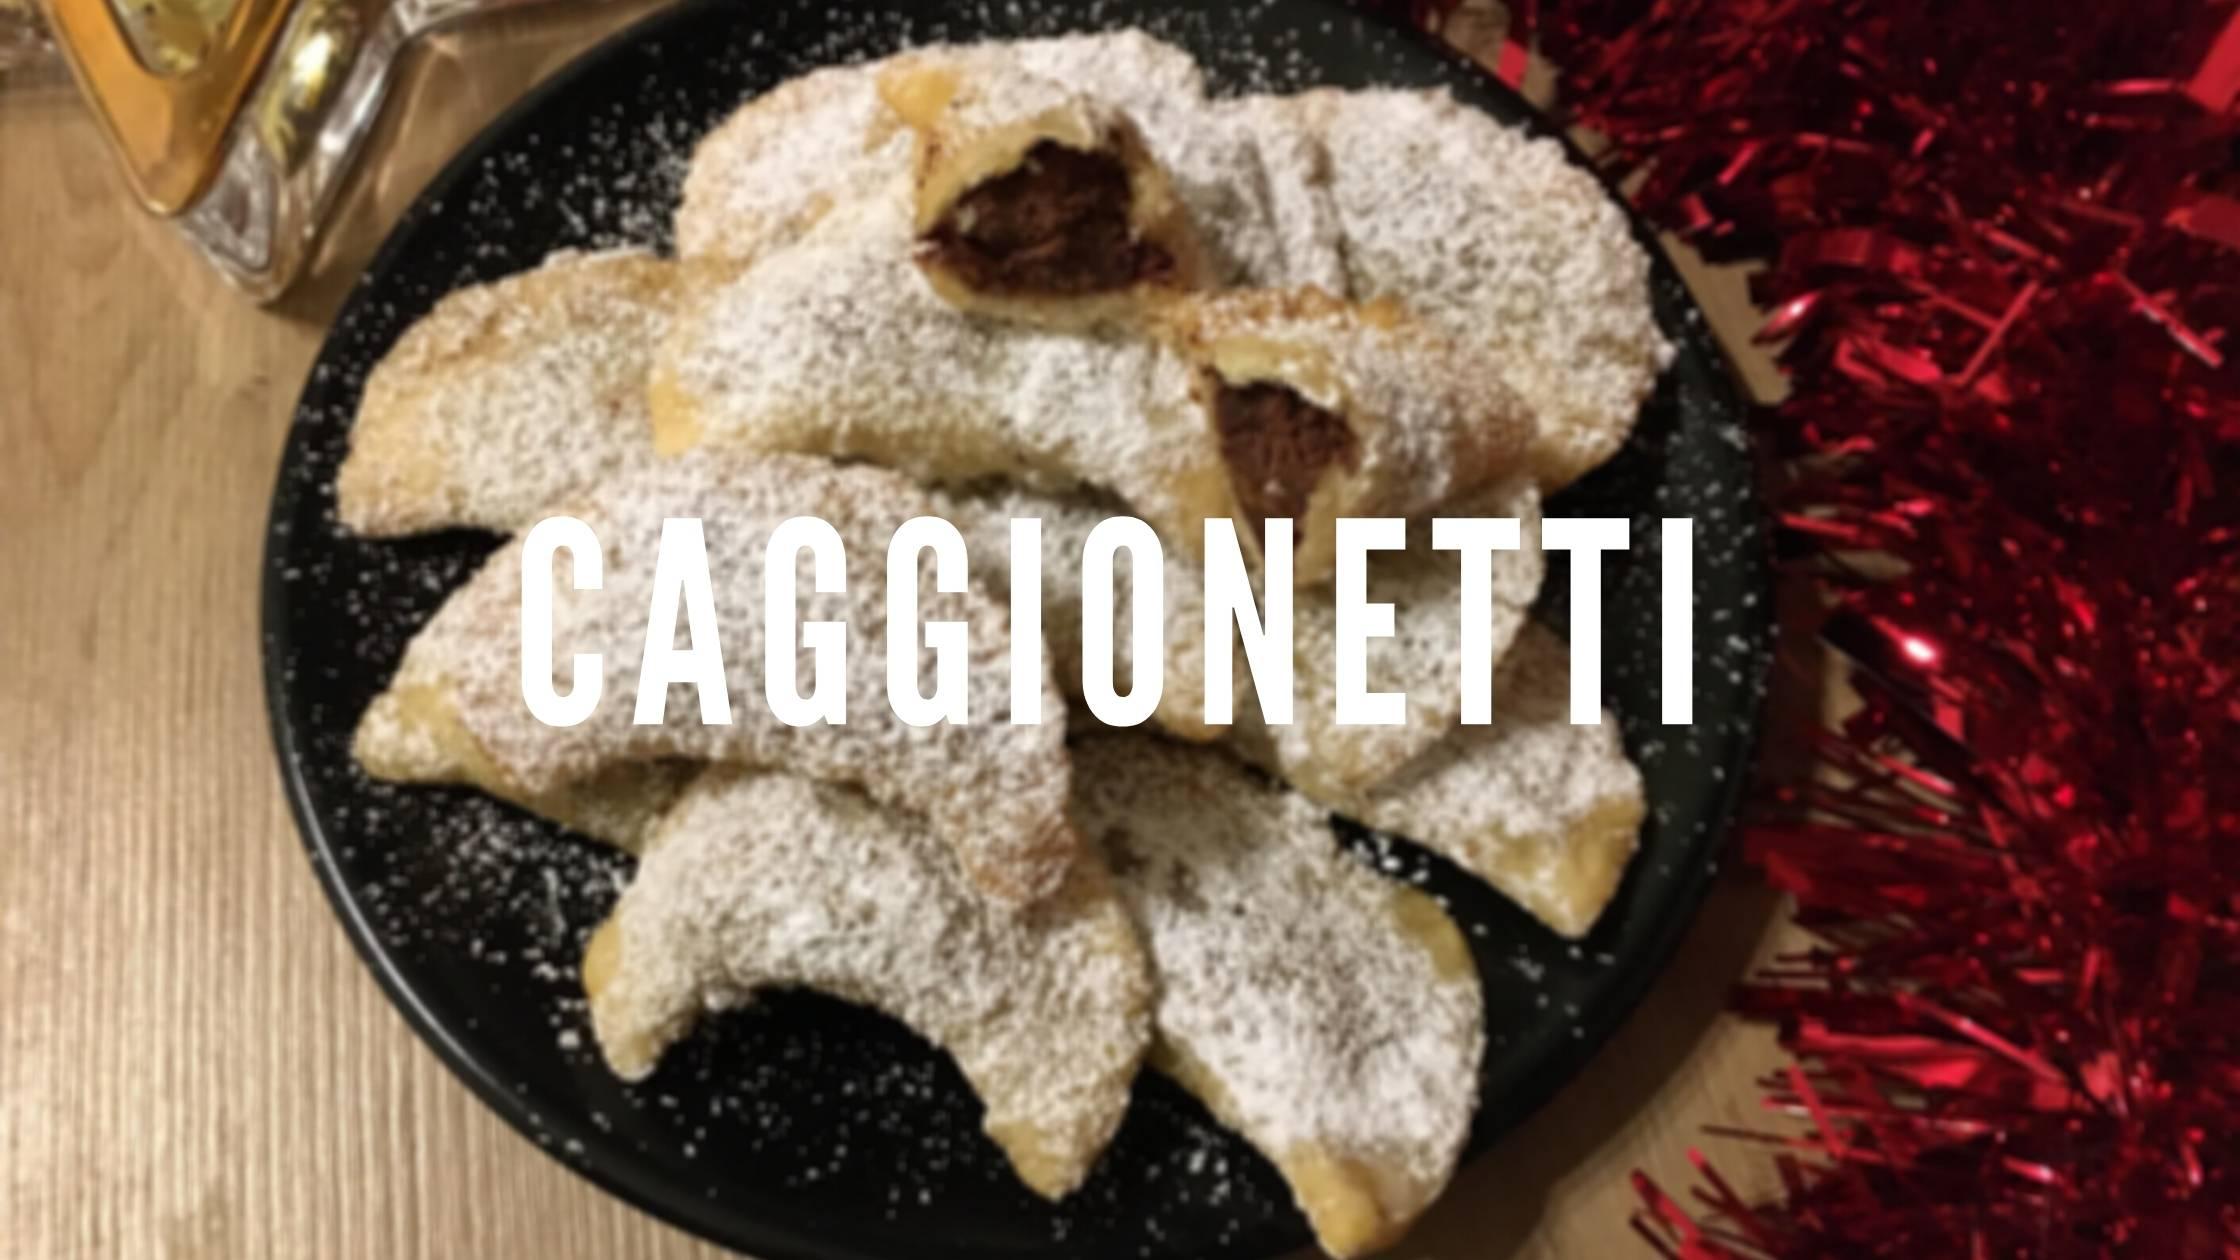 Caggionetti: Italienische Weihnachtskekse